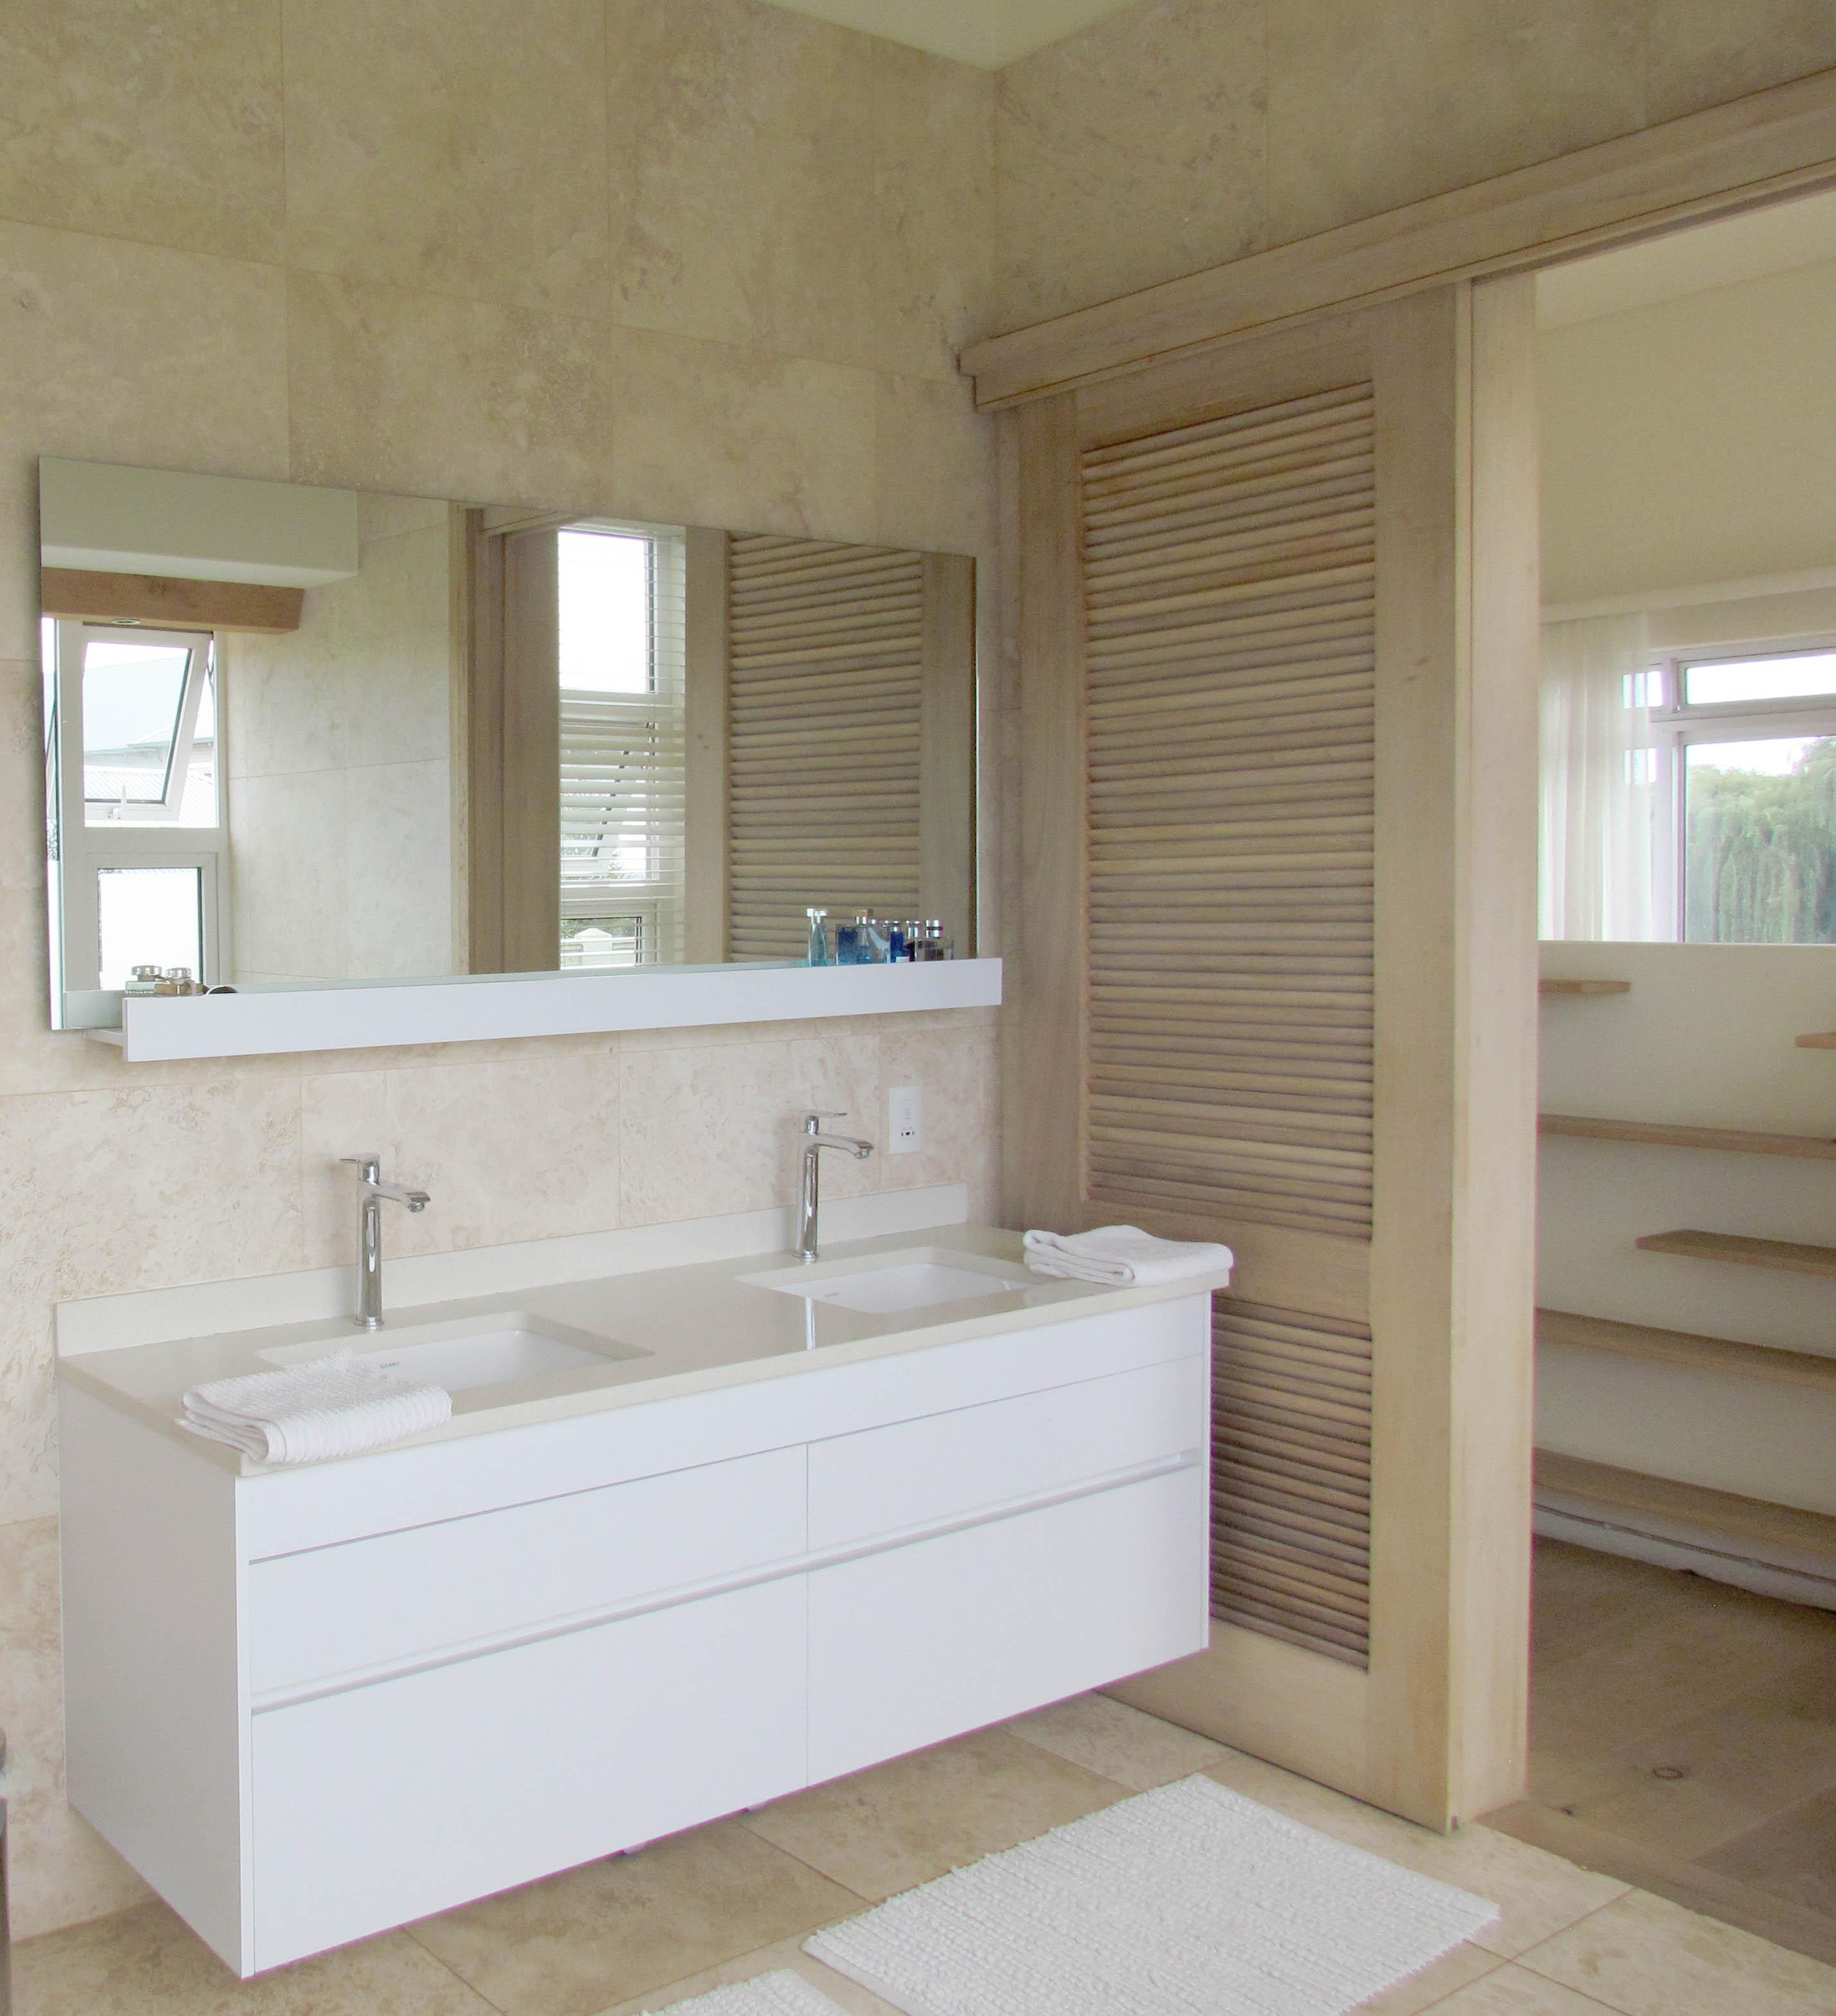 Louvre Bathroom Solid wood doors